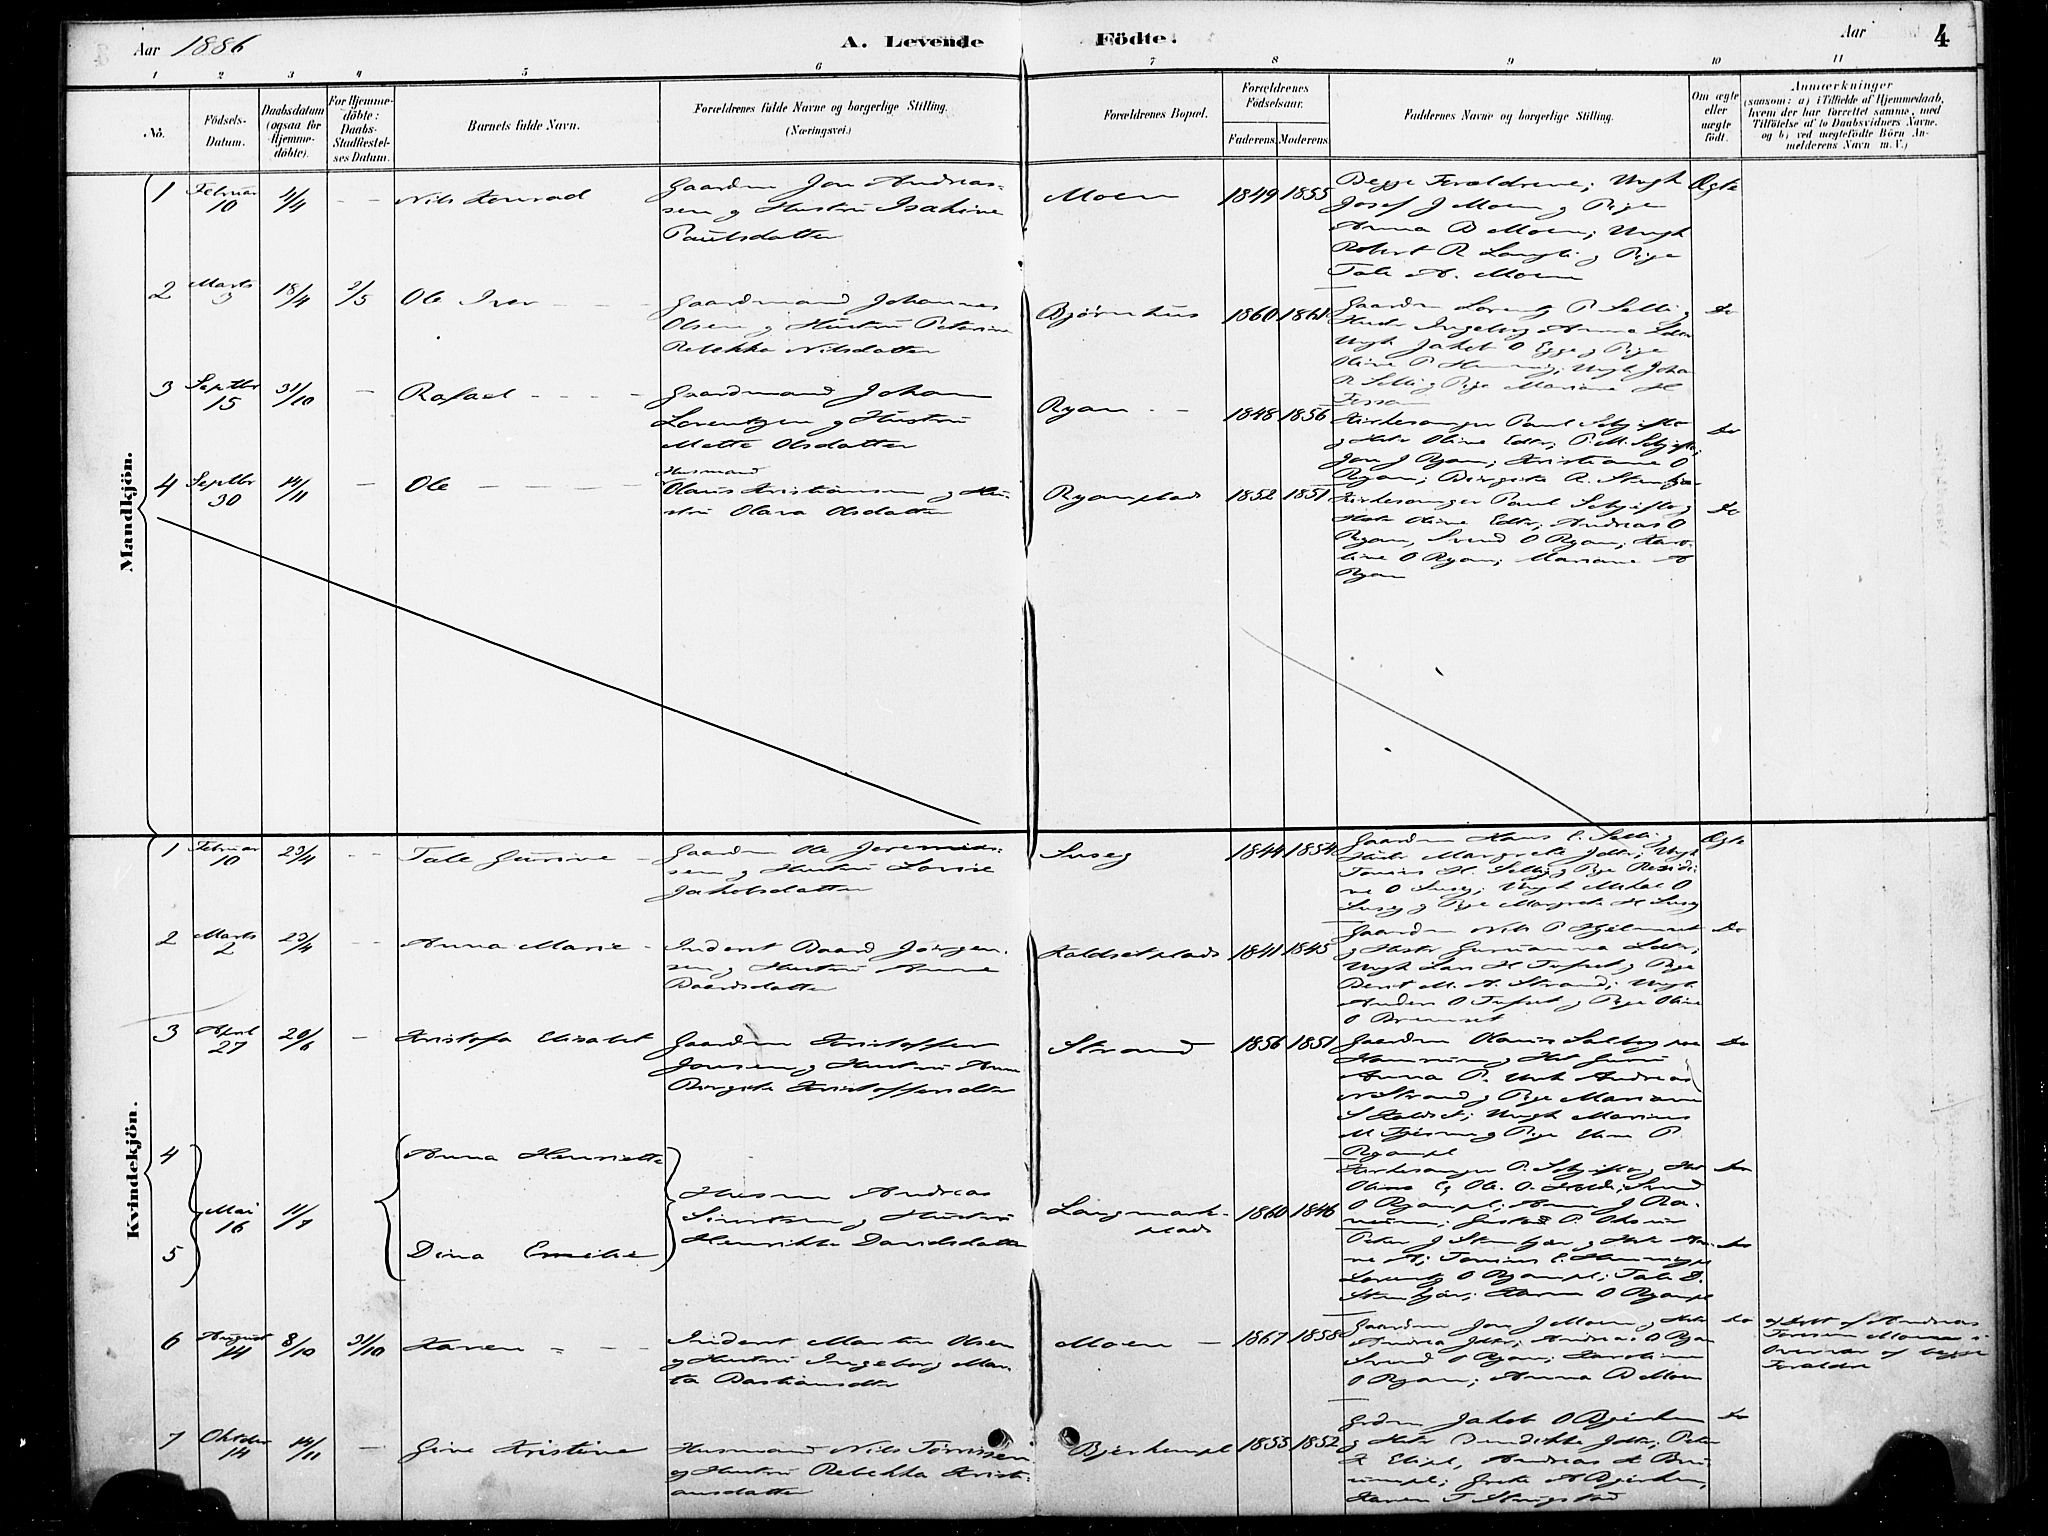 SAT, Ministerialprotokoller, klokkerbøker og fødselsregistre - Nord-Trøndelag, 738/L0364: Ministerialbok nr. 738A01, 1884-1902, s. 4